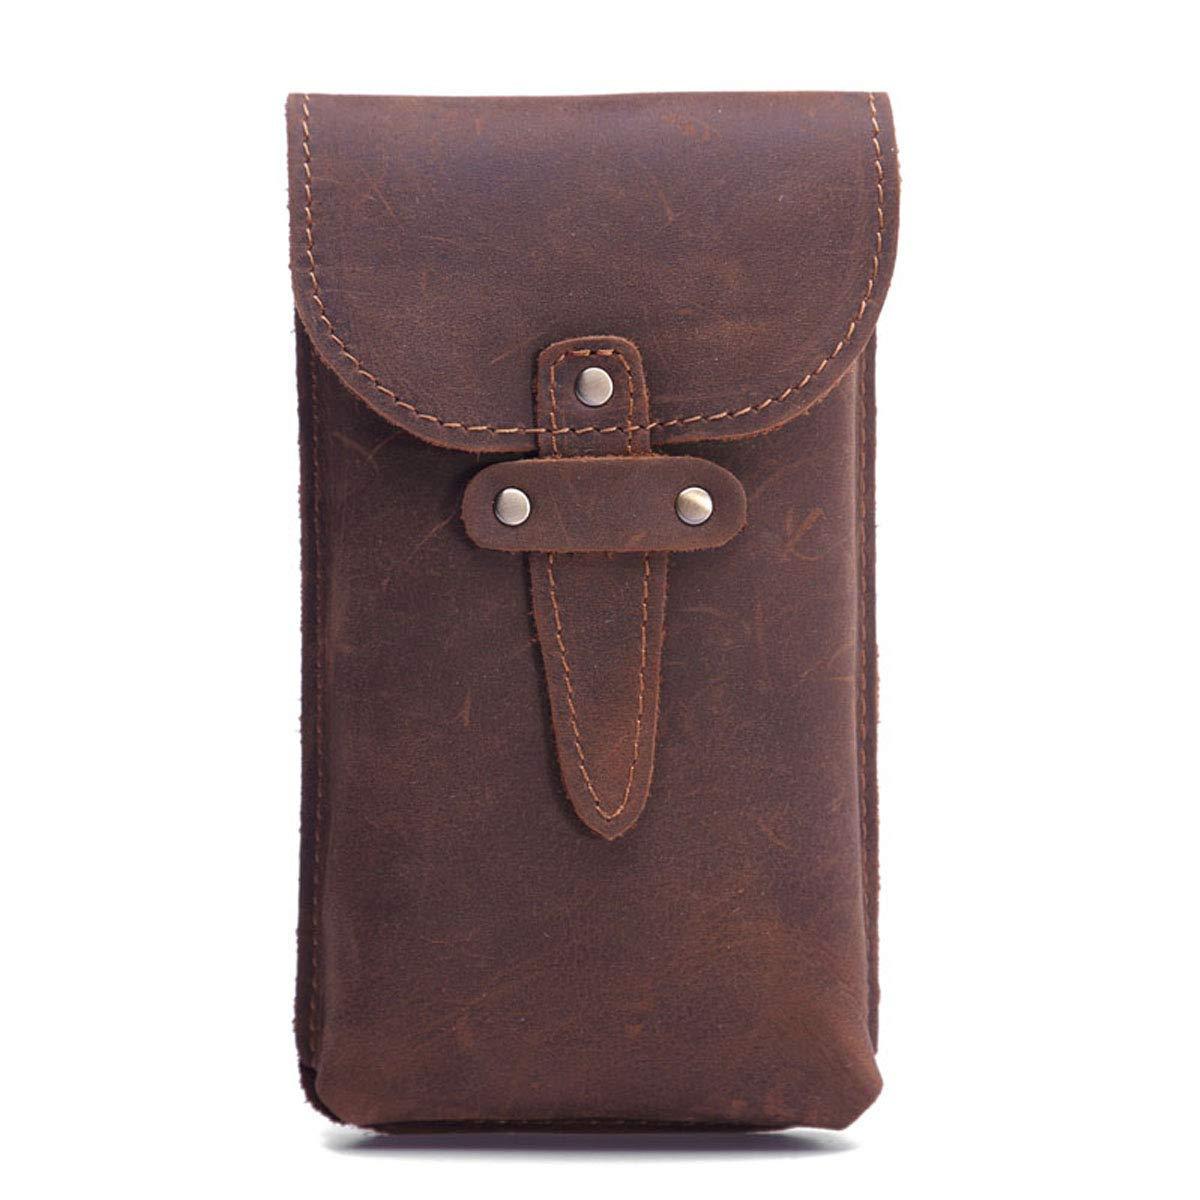 Vintage Retro Men's Genuie Cowhide Soldering Leather Bag 2021 Waist Bum Hip Bel